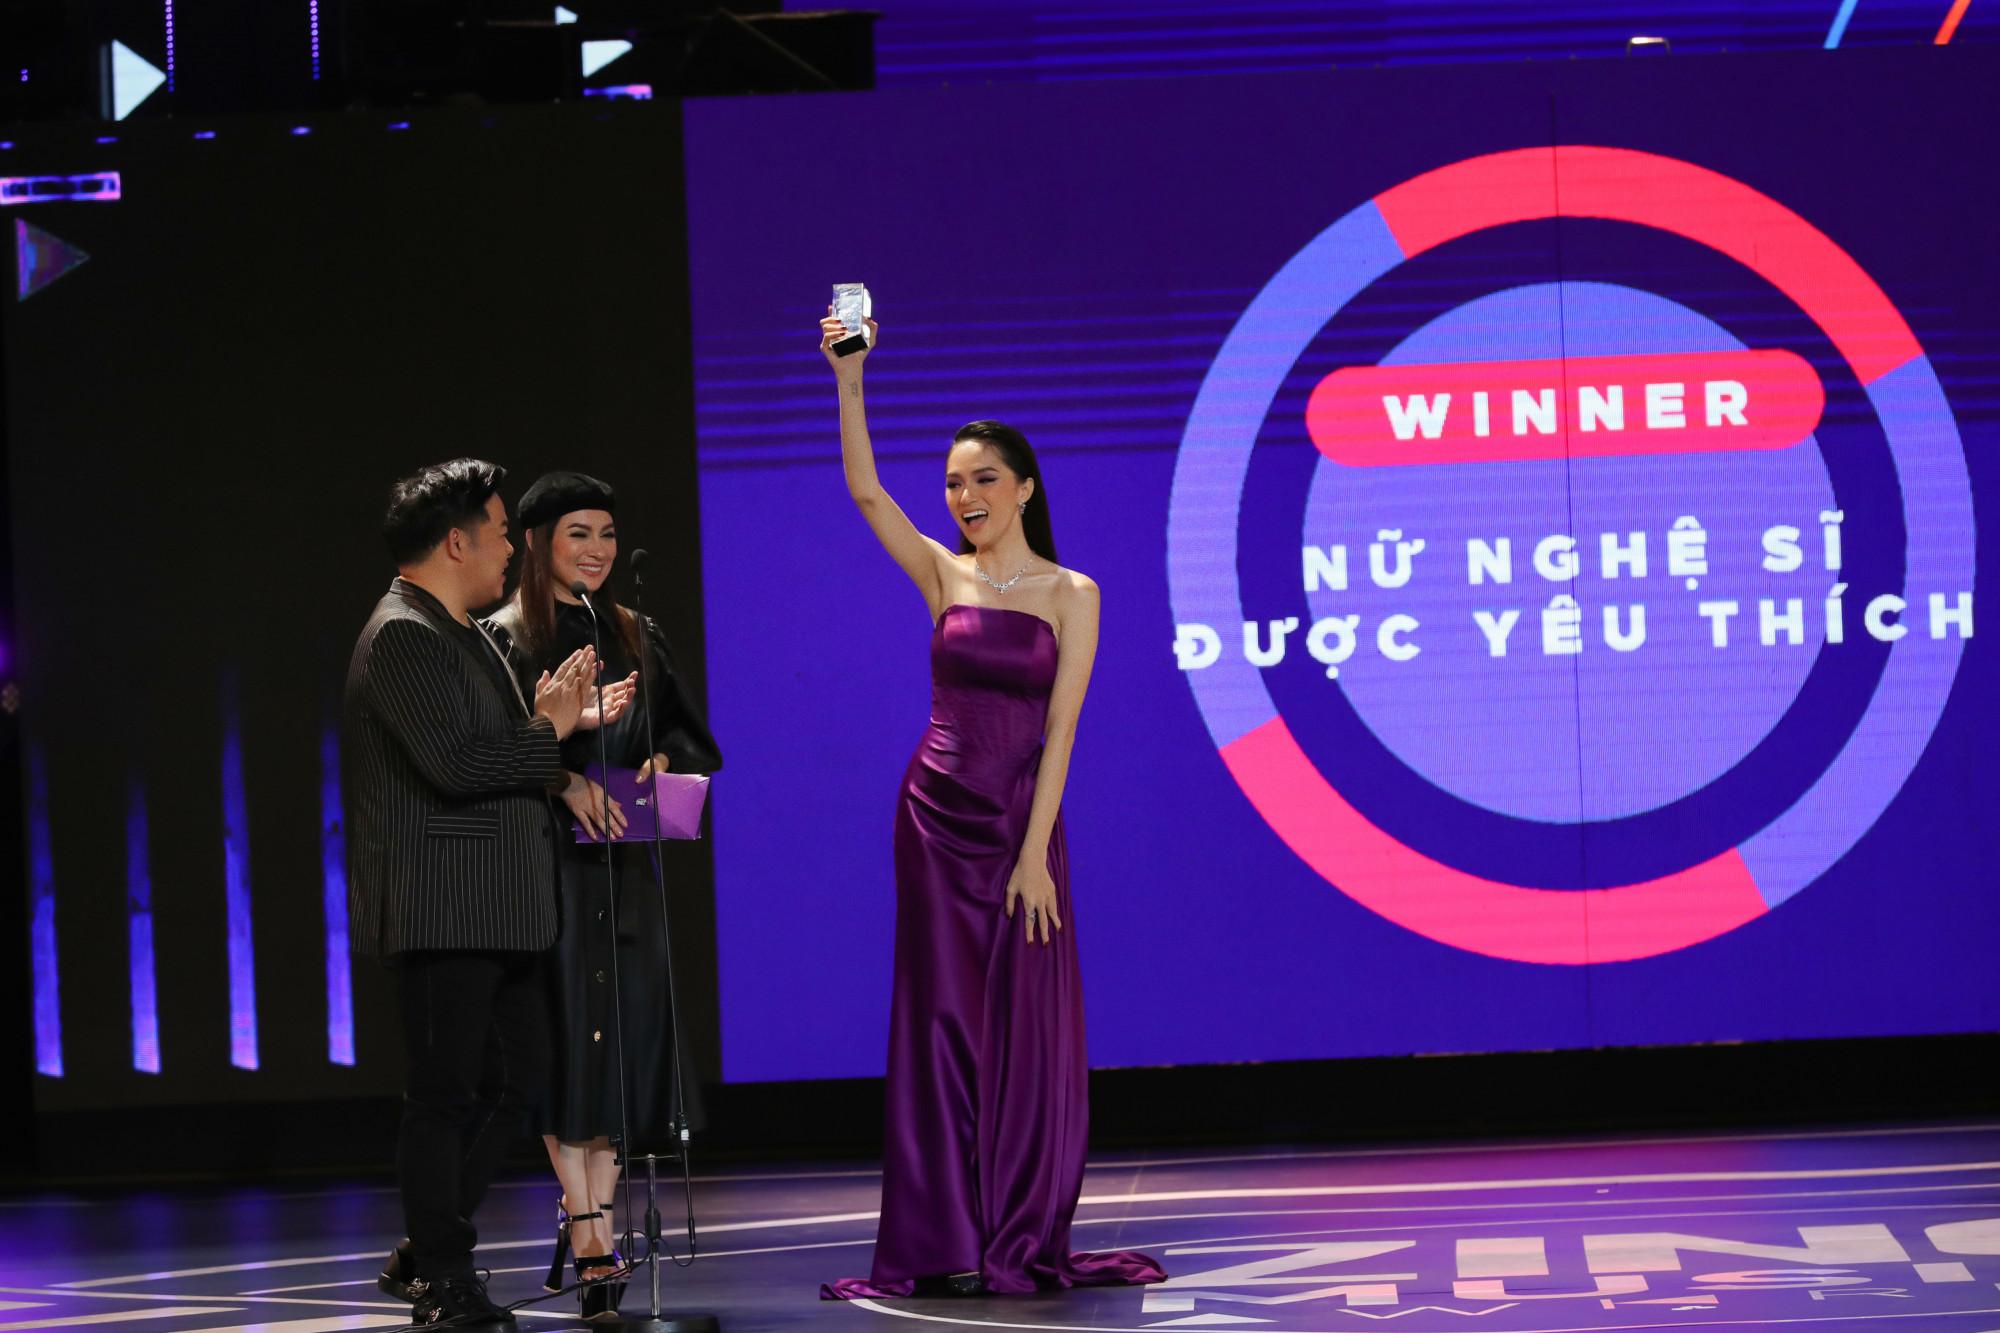 Ca sĩ Hương Giang nhận 2 giải thưởng